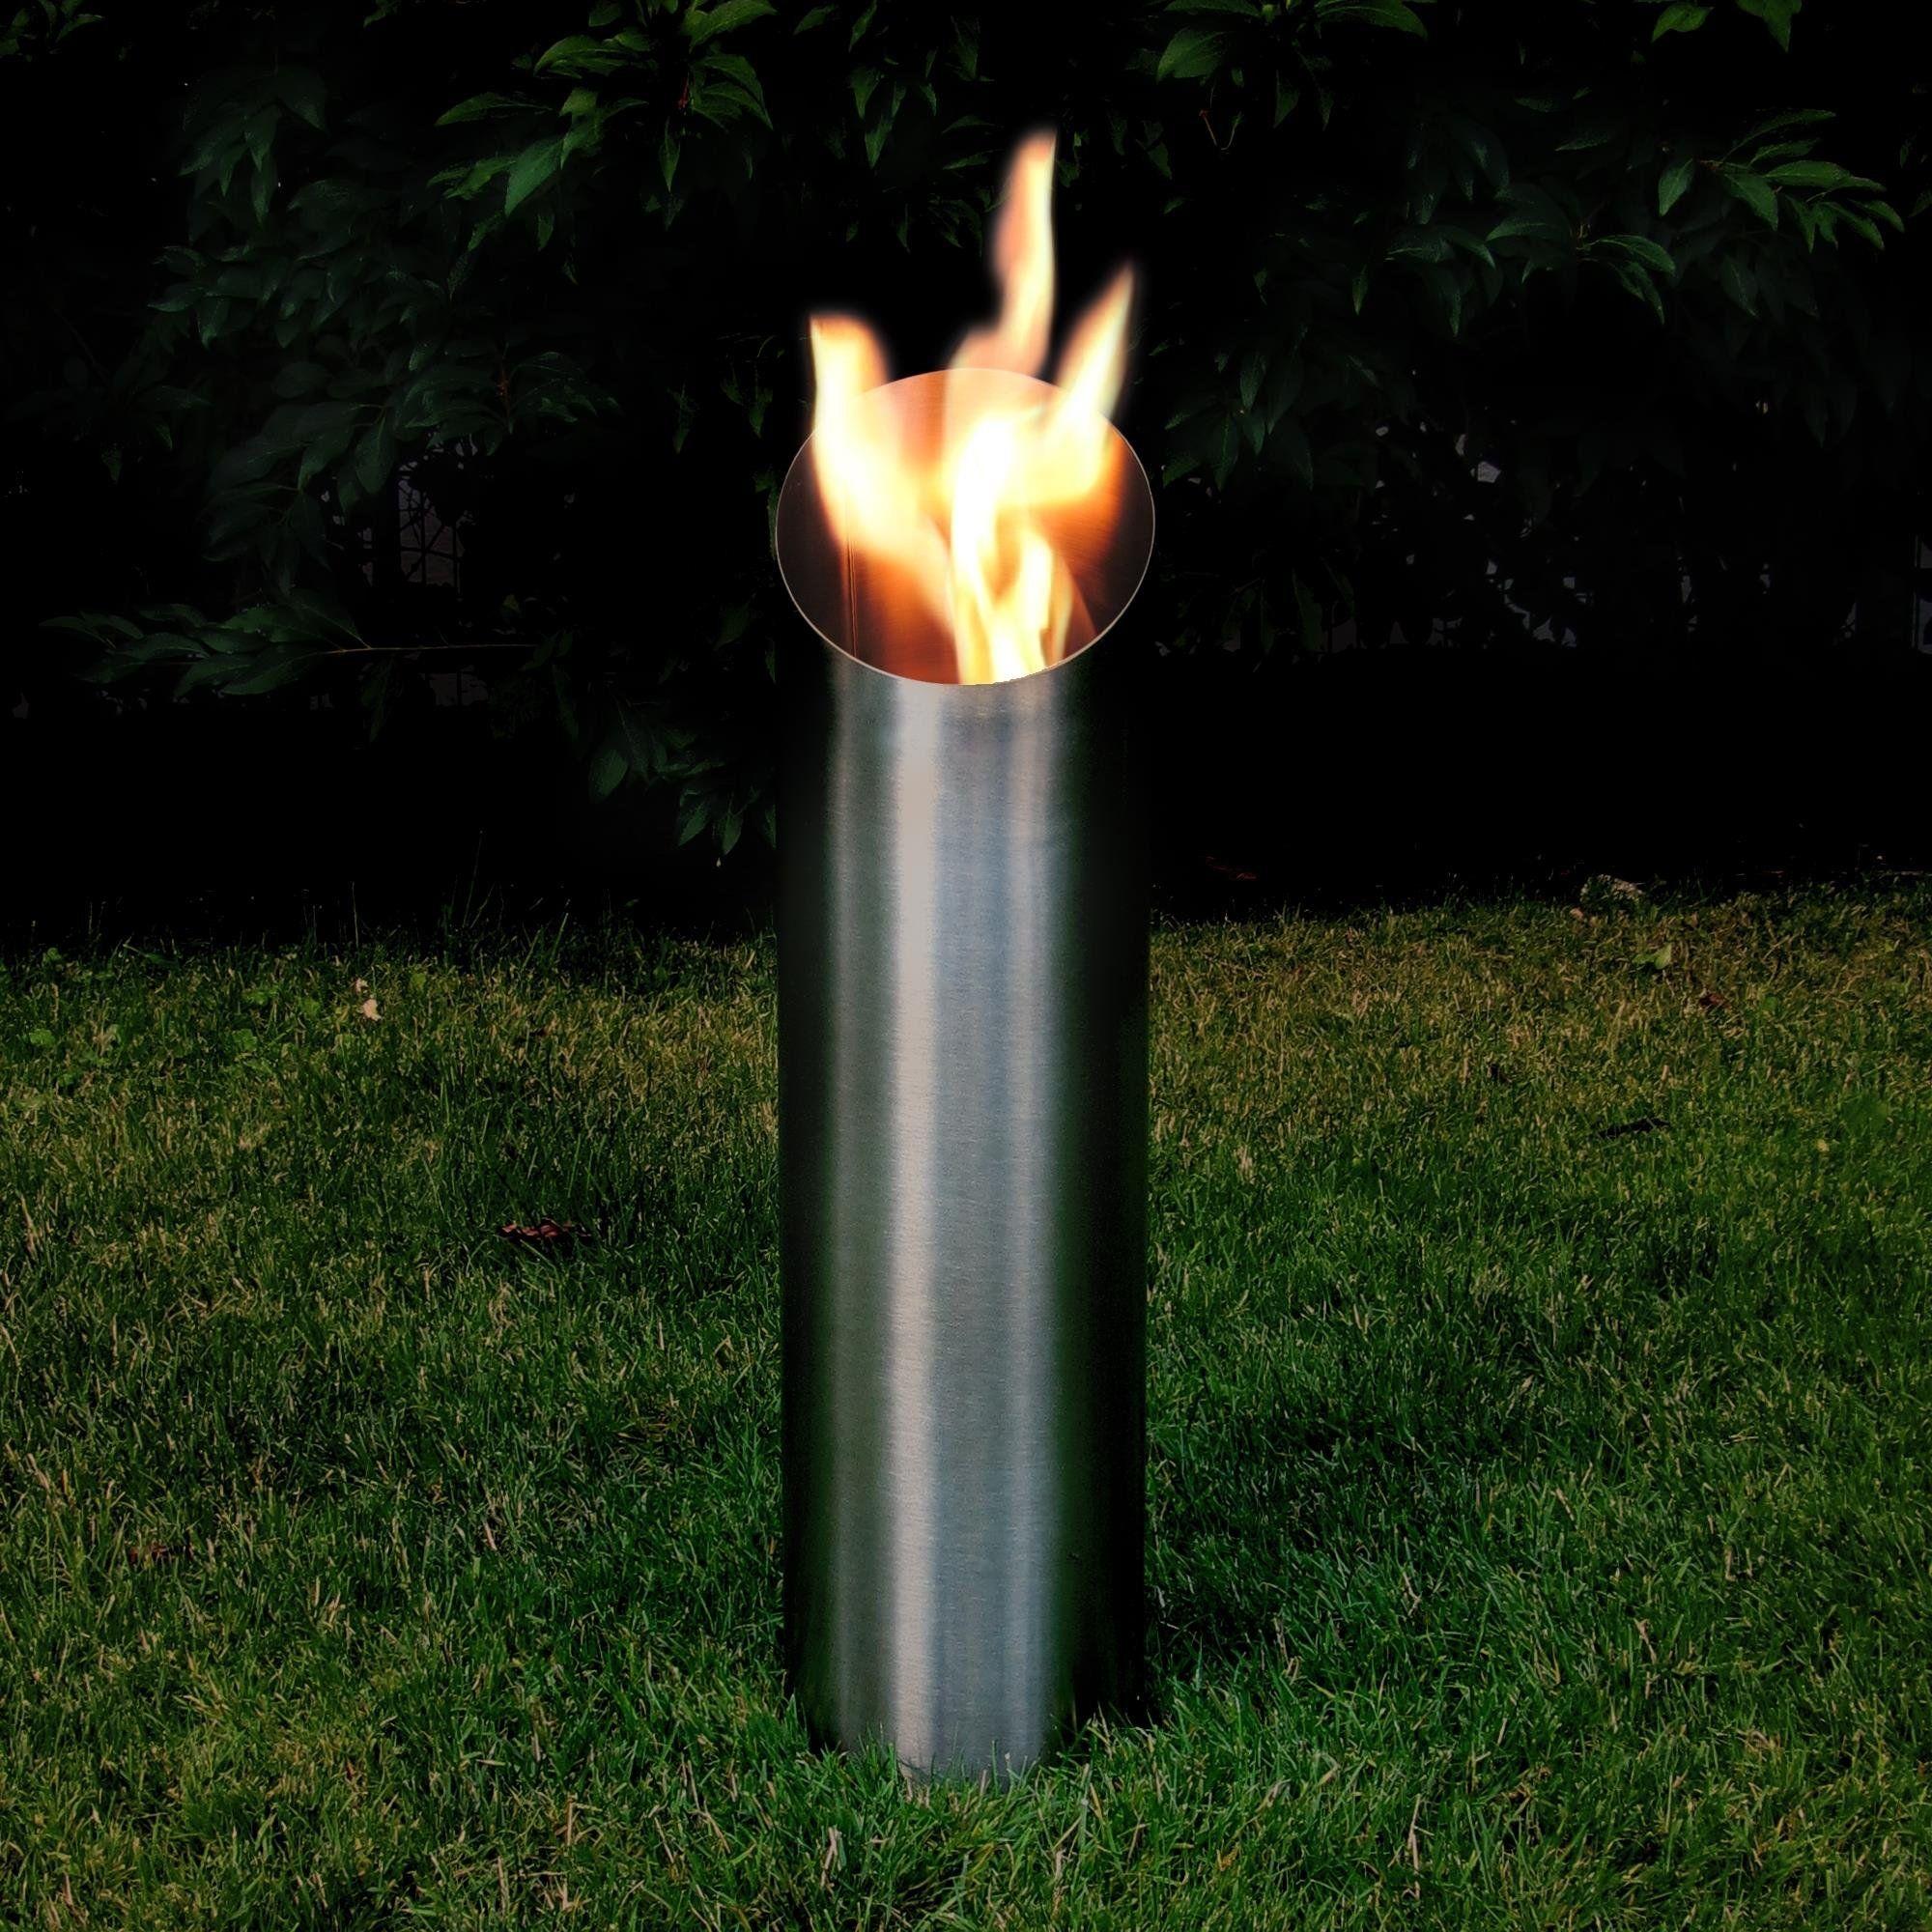 Feuerschale Todesstern Feuerkorb Selber Bauen Einzigartig How To